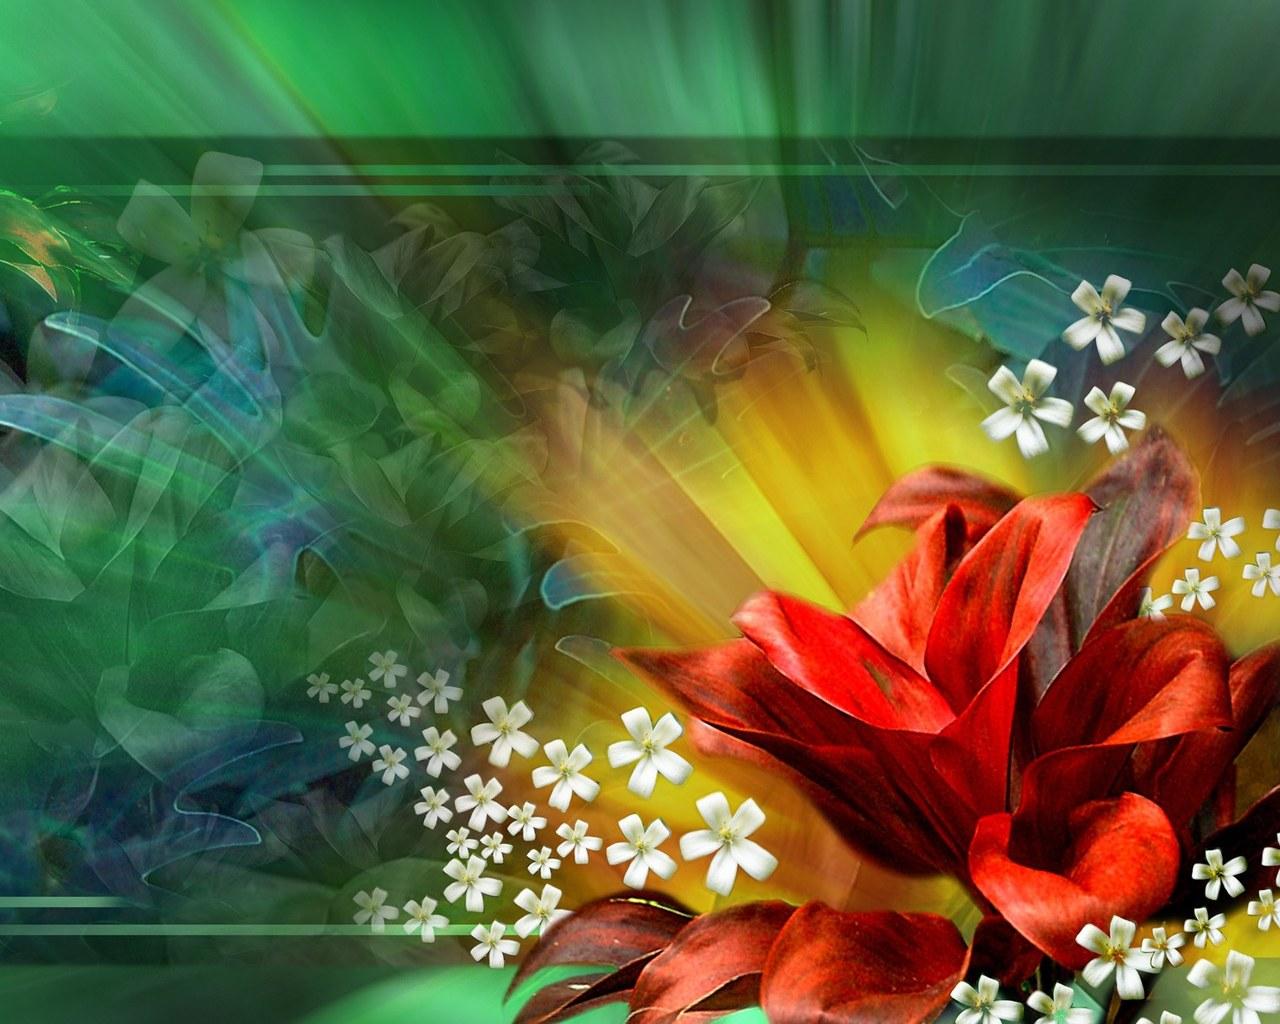 Wallpapers Desktop 3d Wallpapers Animated Desktop Wallpapers 1280x1024